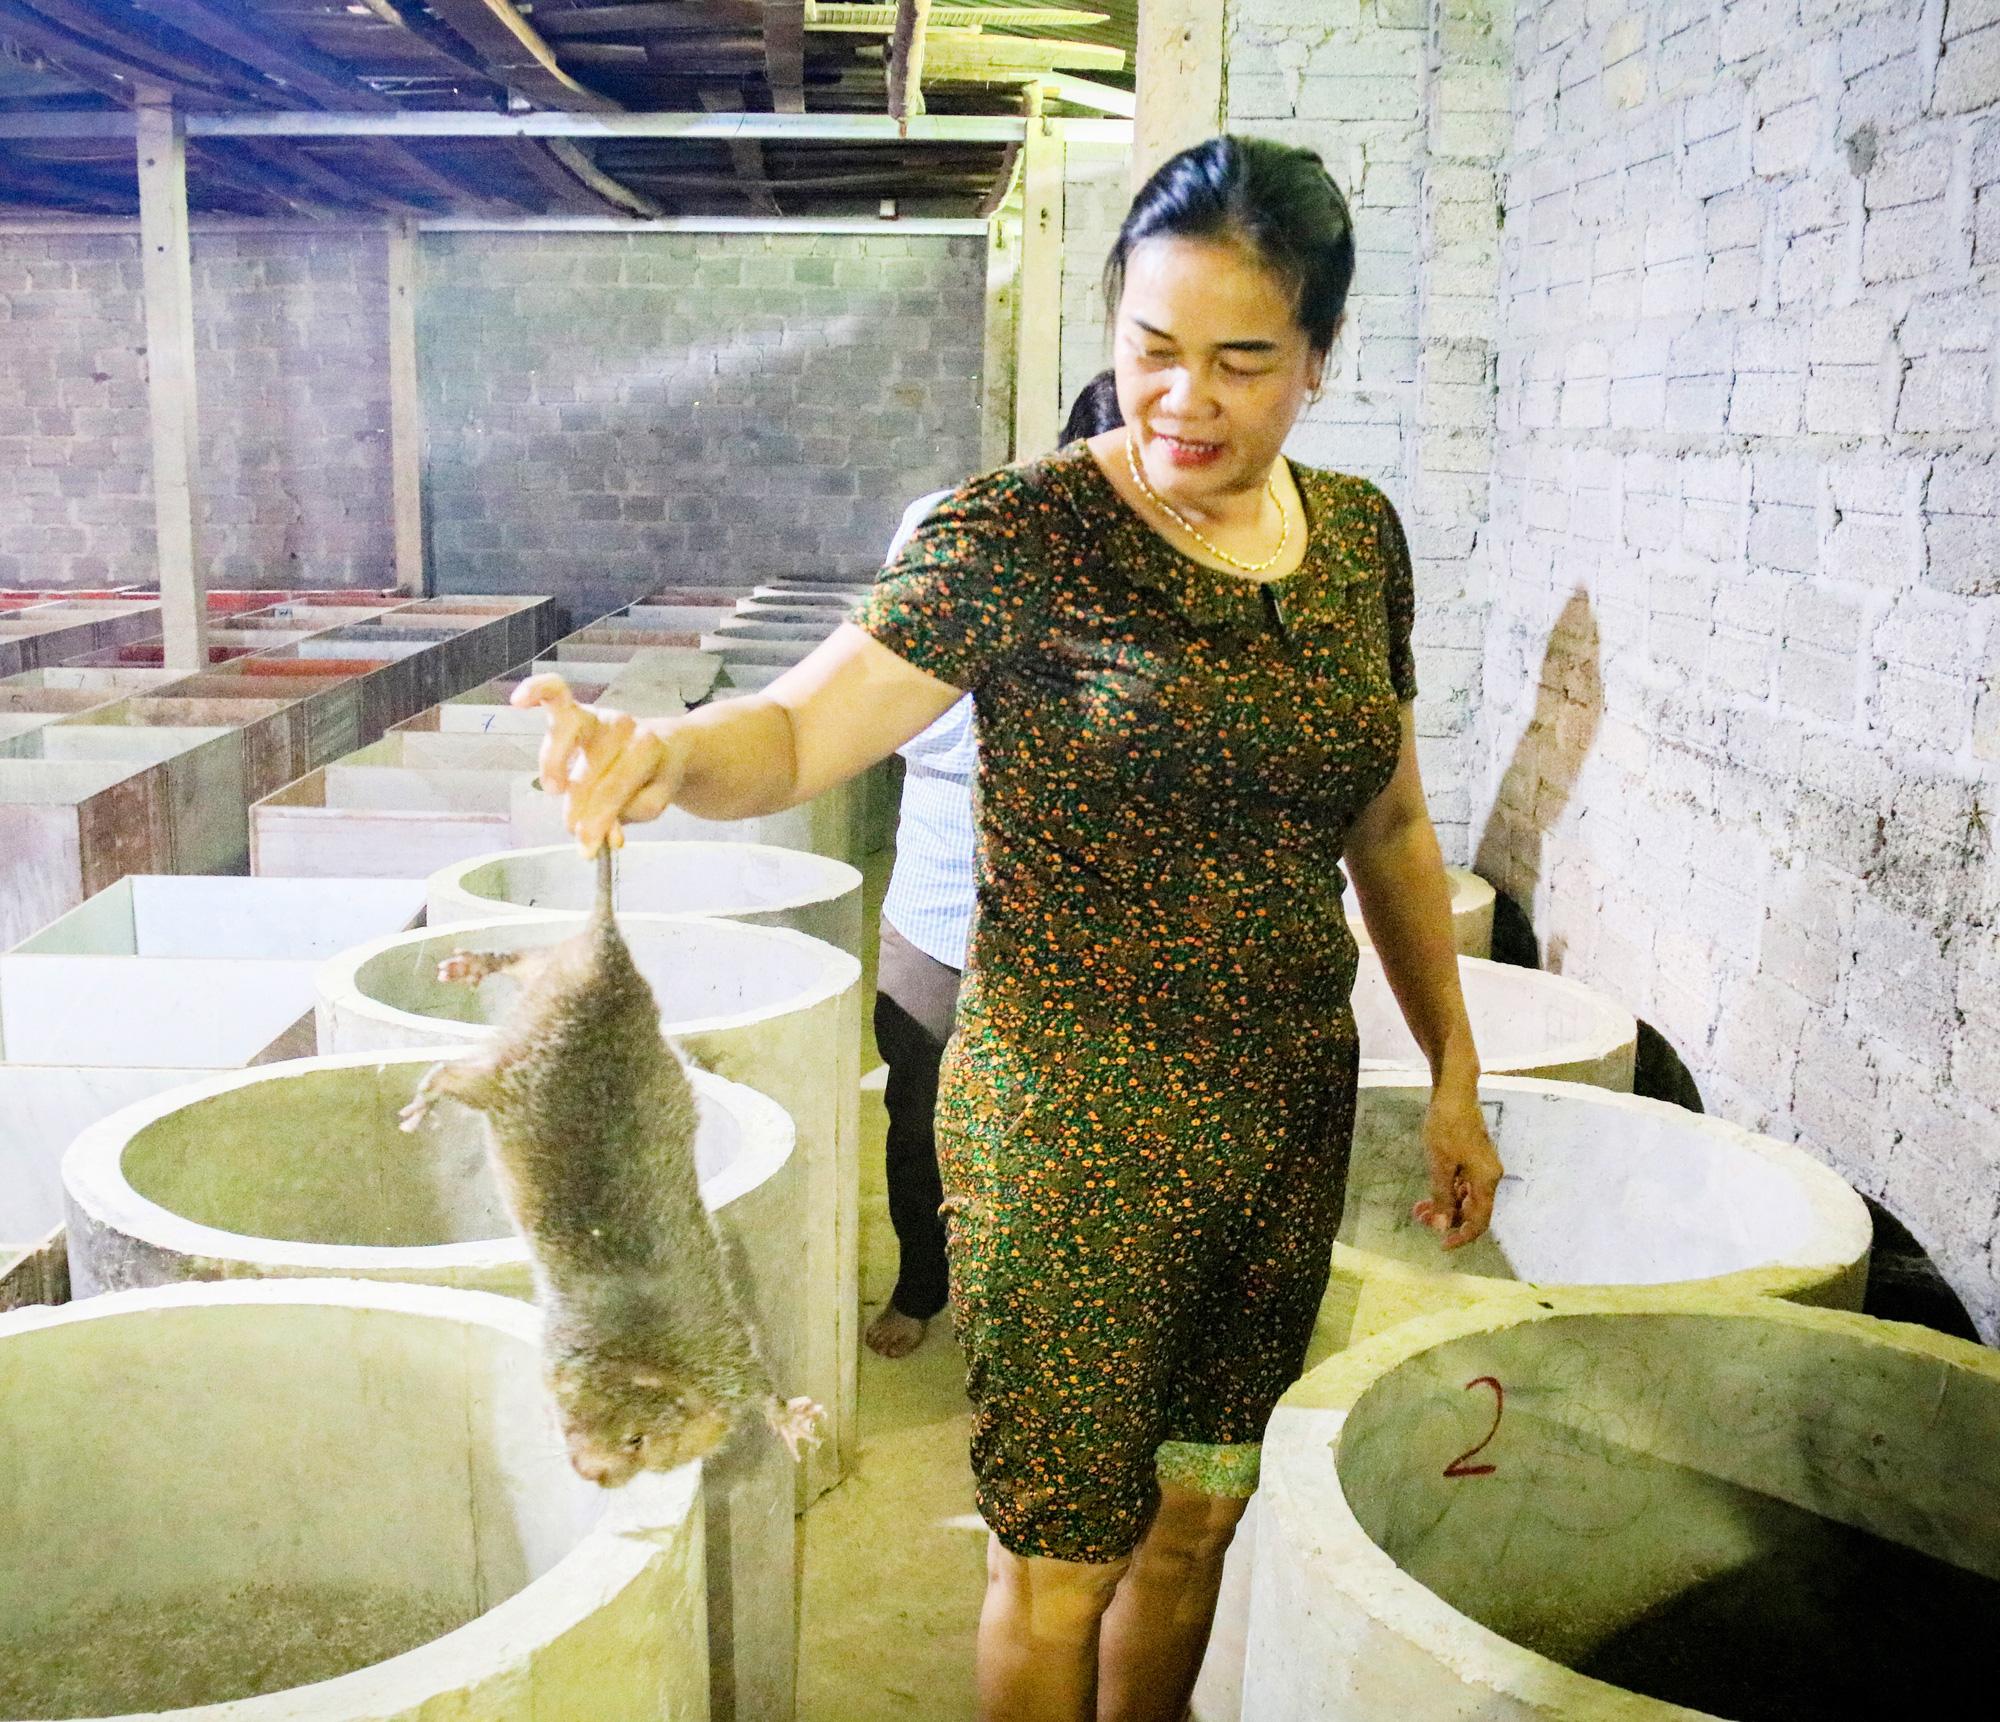 Hà Tĩnh: Nuôi loài chuột khổng lồ, sống không cần nước, lớn lên bán tiền triệu mỗi cặp - Ảnh 1.